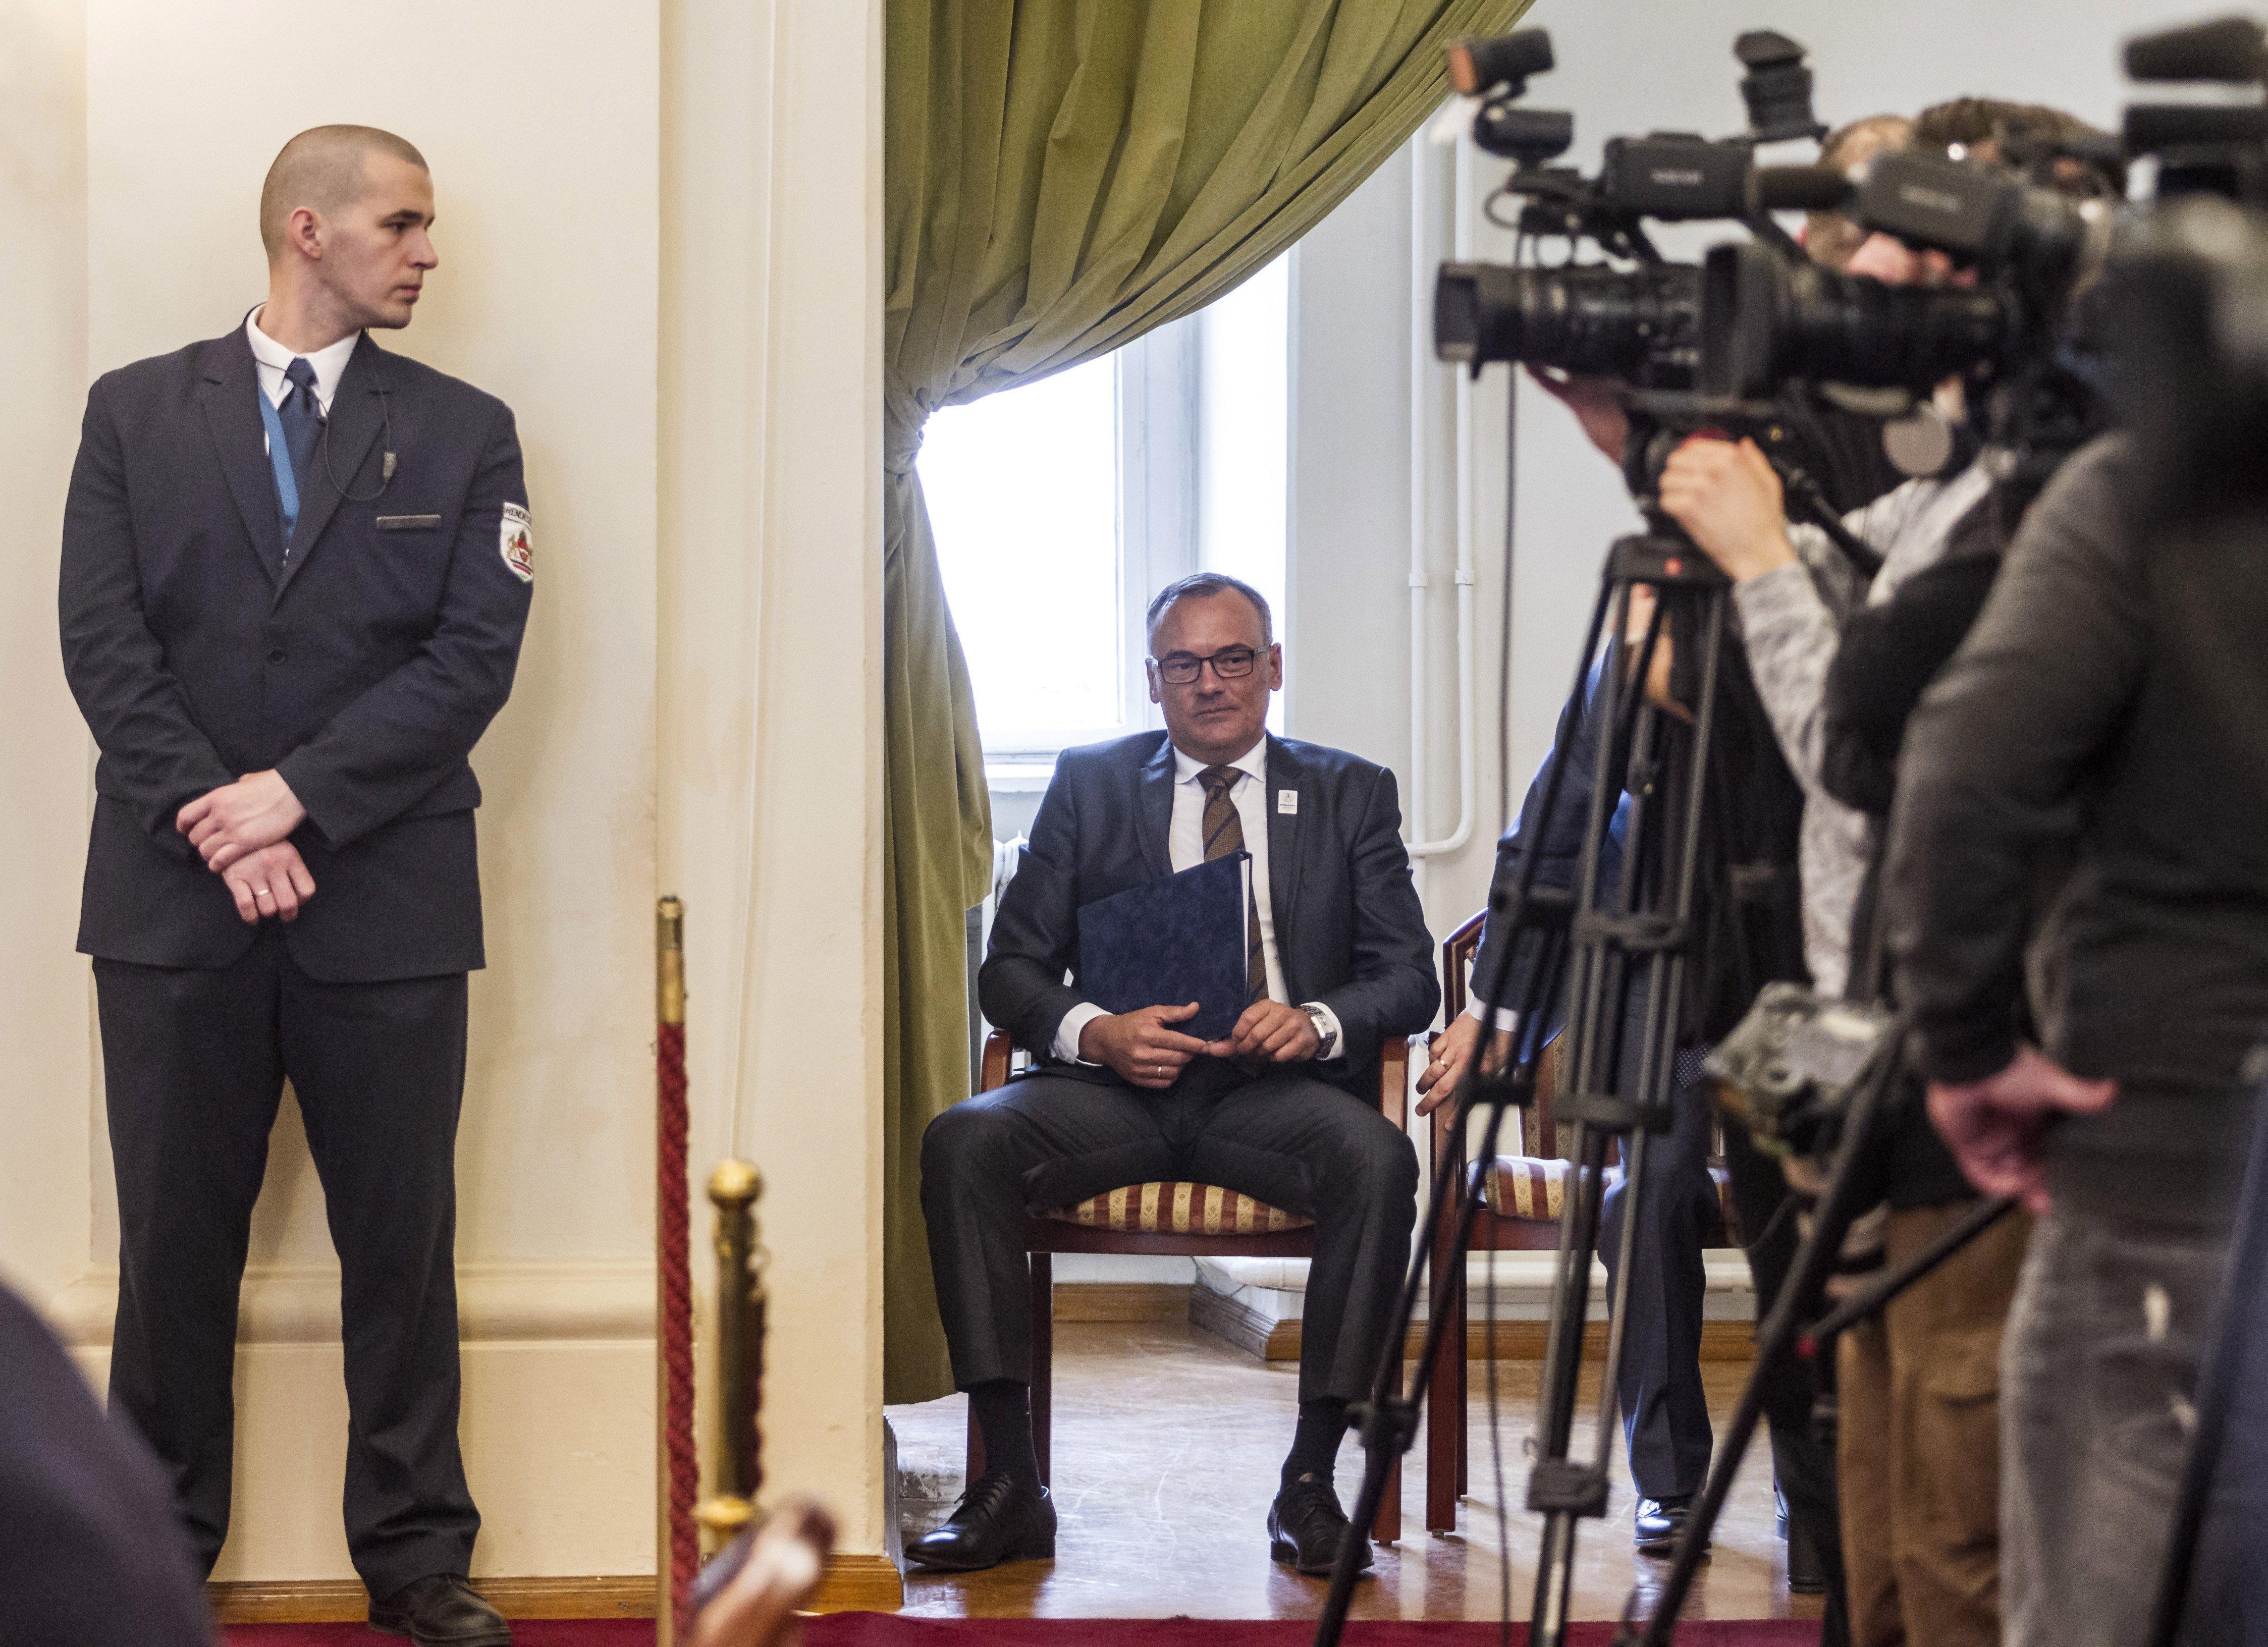 A Borkai-faktor: elvileg az újraválasztott polgármester is ott lesz a győri közgyűlés alakuló ülésén